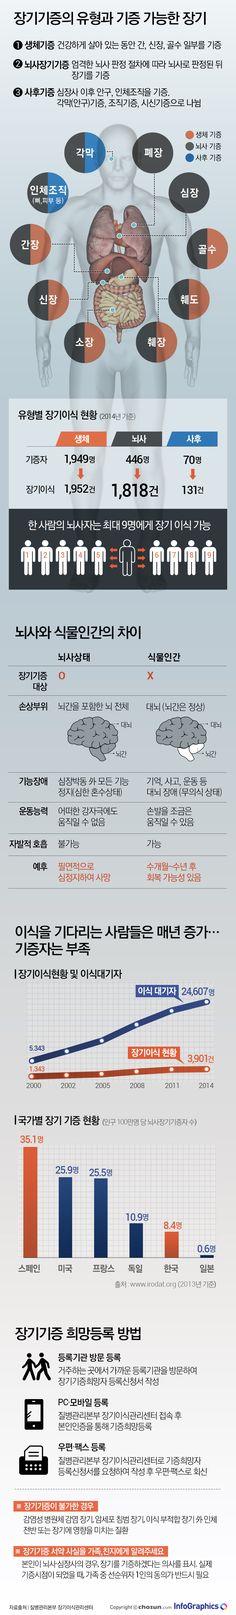 뇌사자 장기기증, 9명의 생명 살릴 수 있다 - Today's InfoGraphics